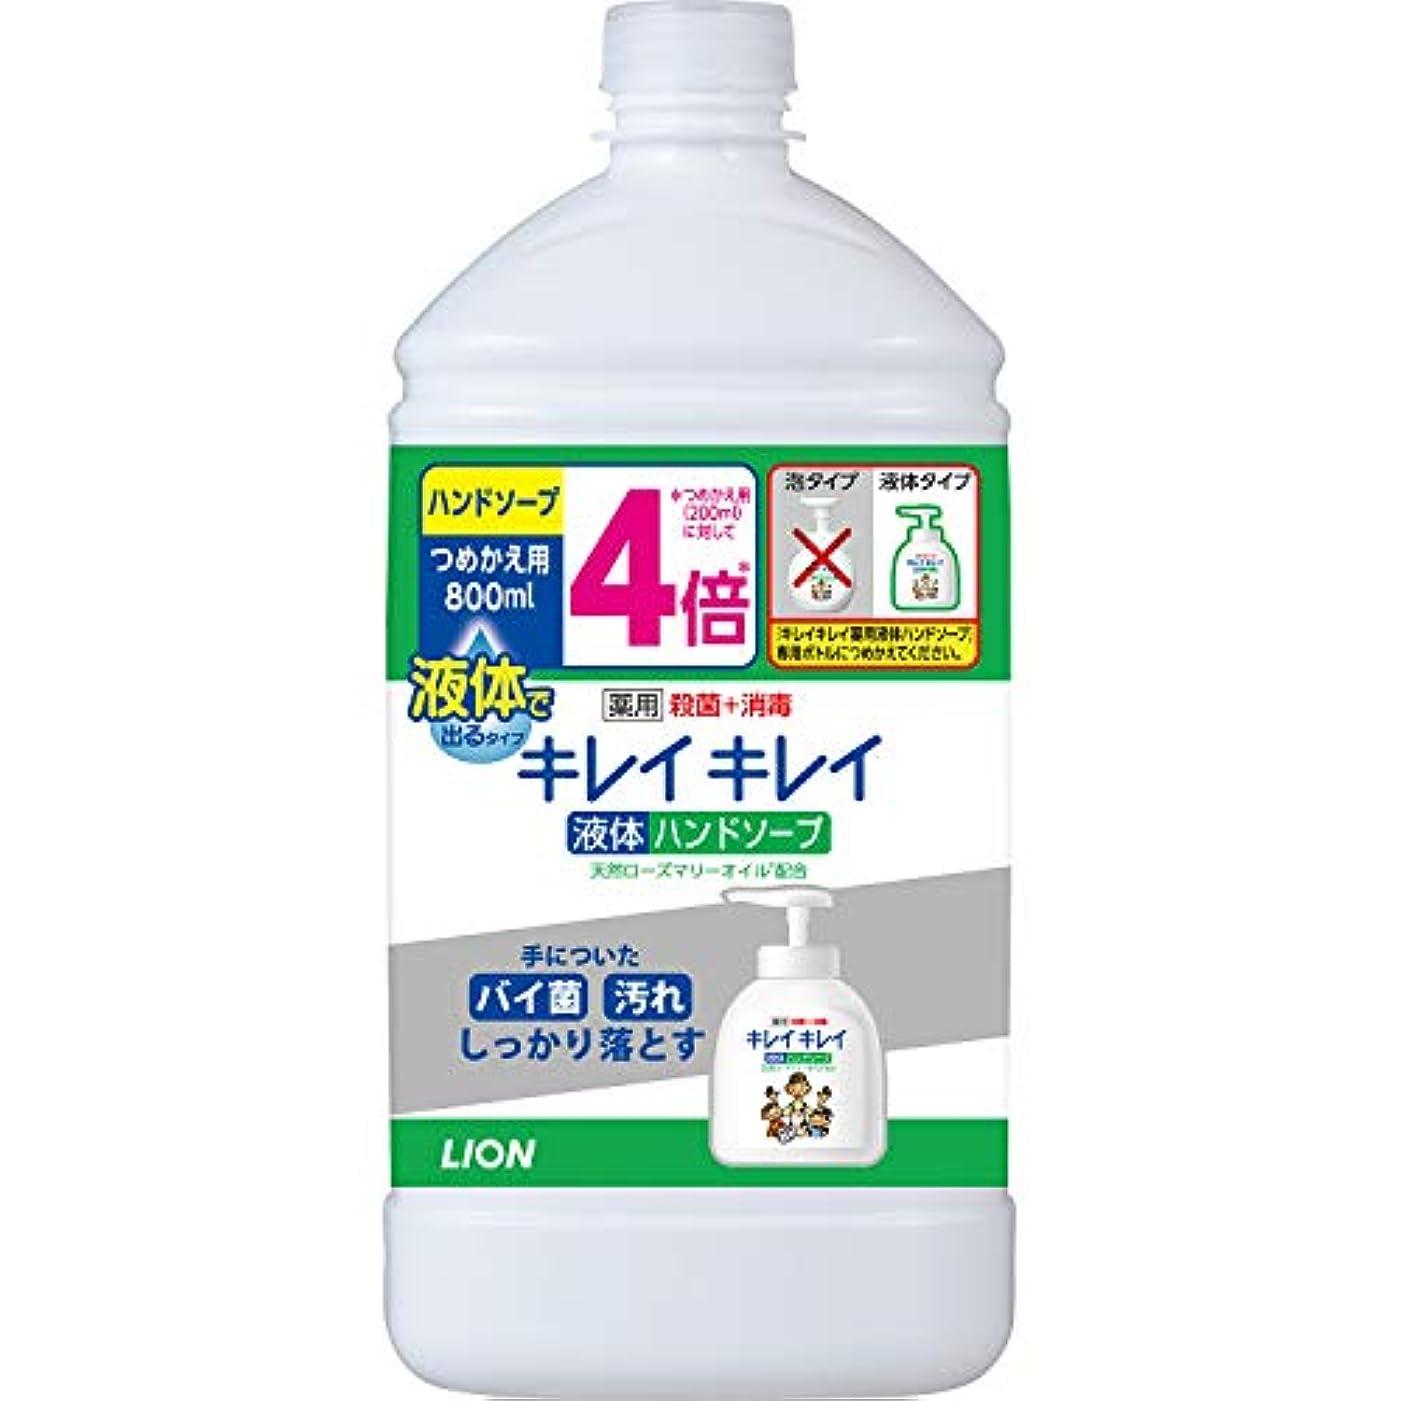 普通に海峡グループ(医薬部外品)【大容量】キレイキレイ 薬用 液体ハンドソープ 詰替特大 800ml